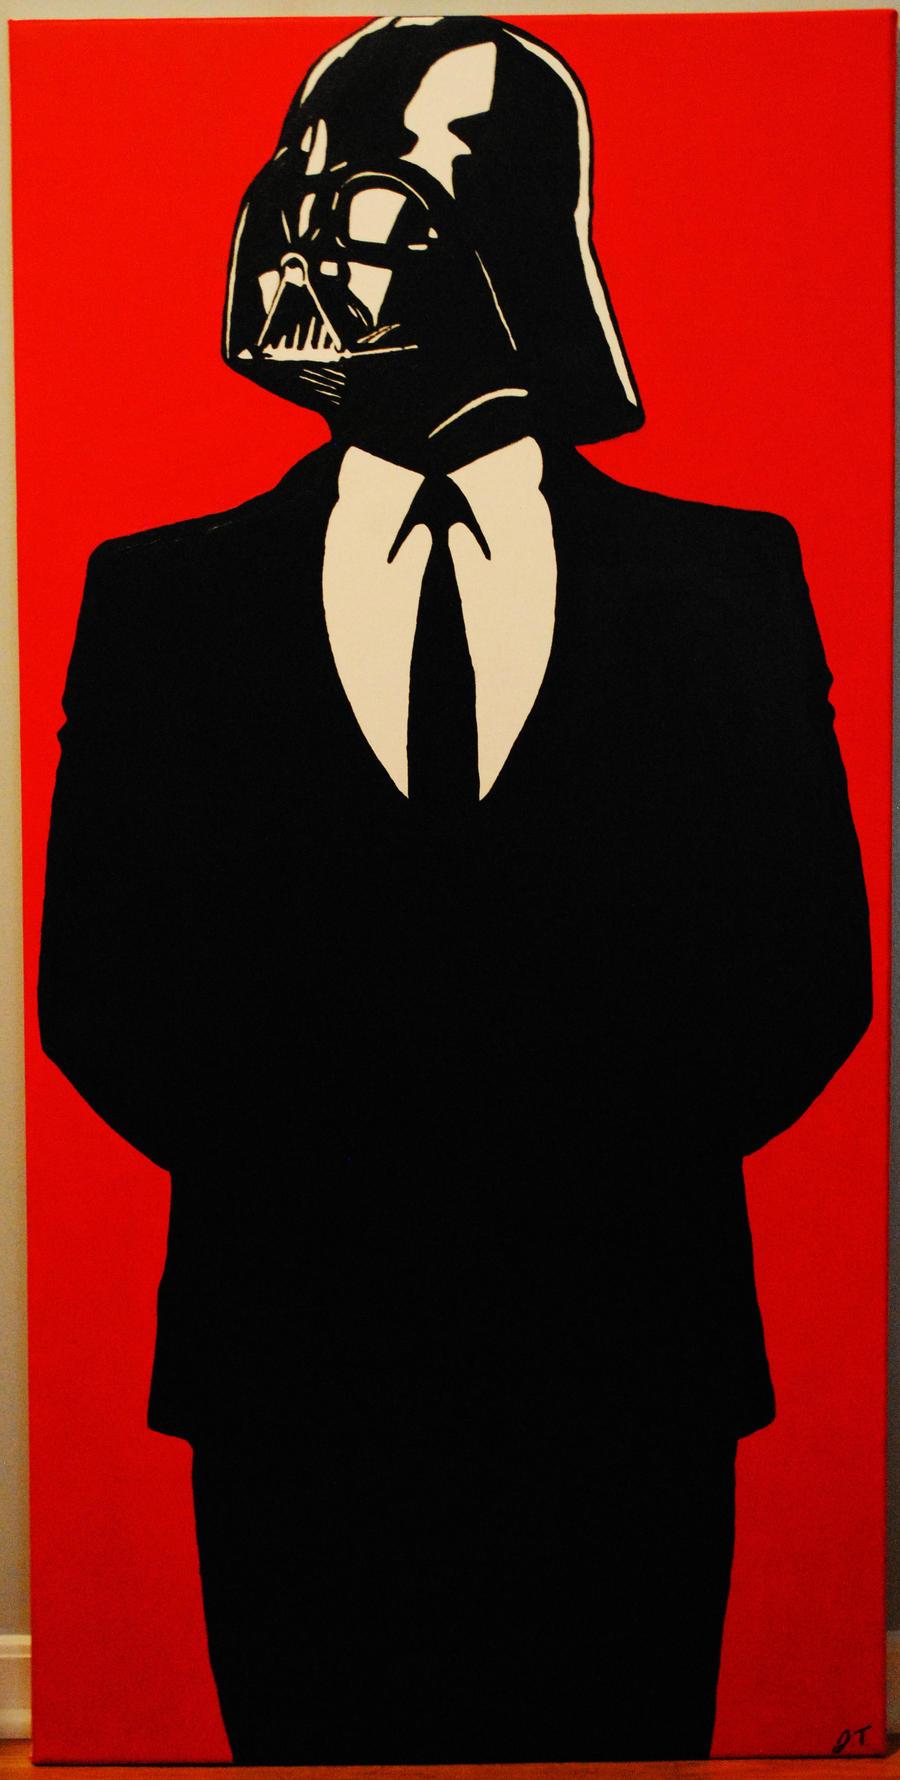 Suit Vader by justinturcotte on DeviantArt